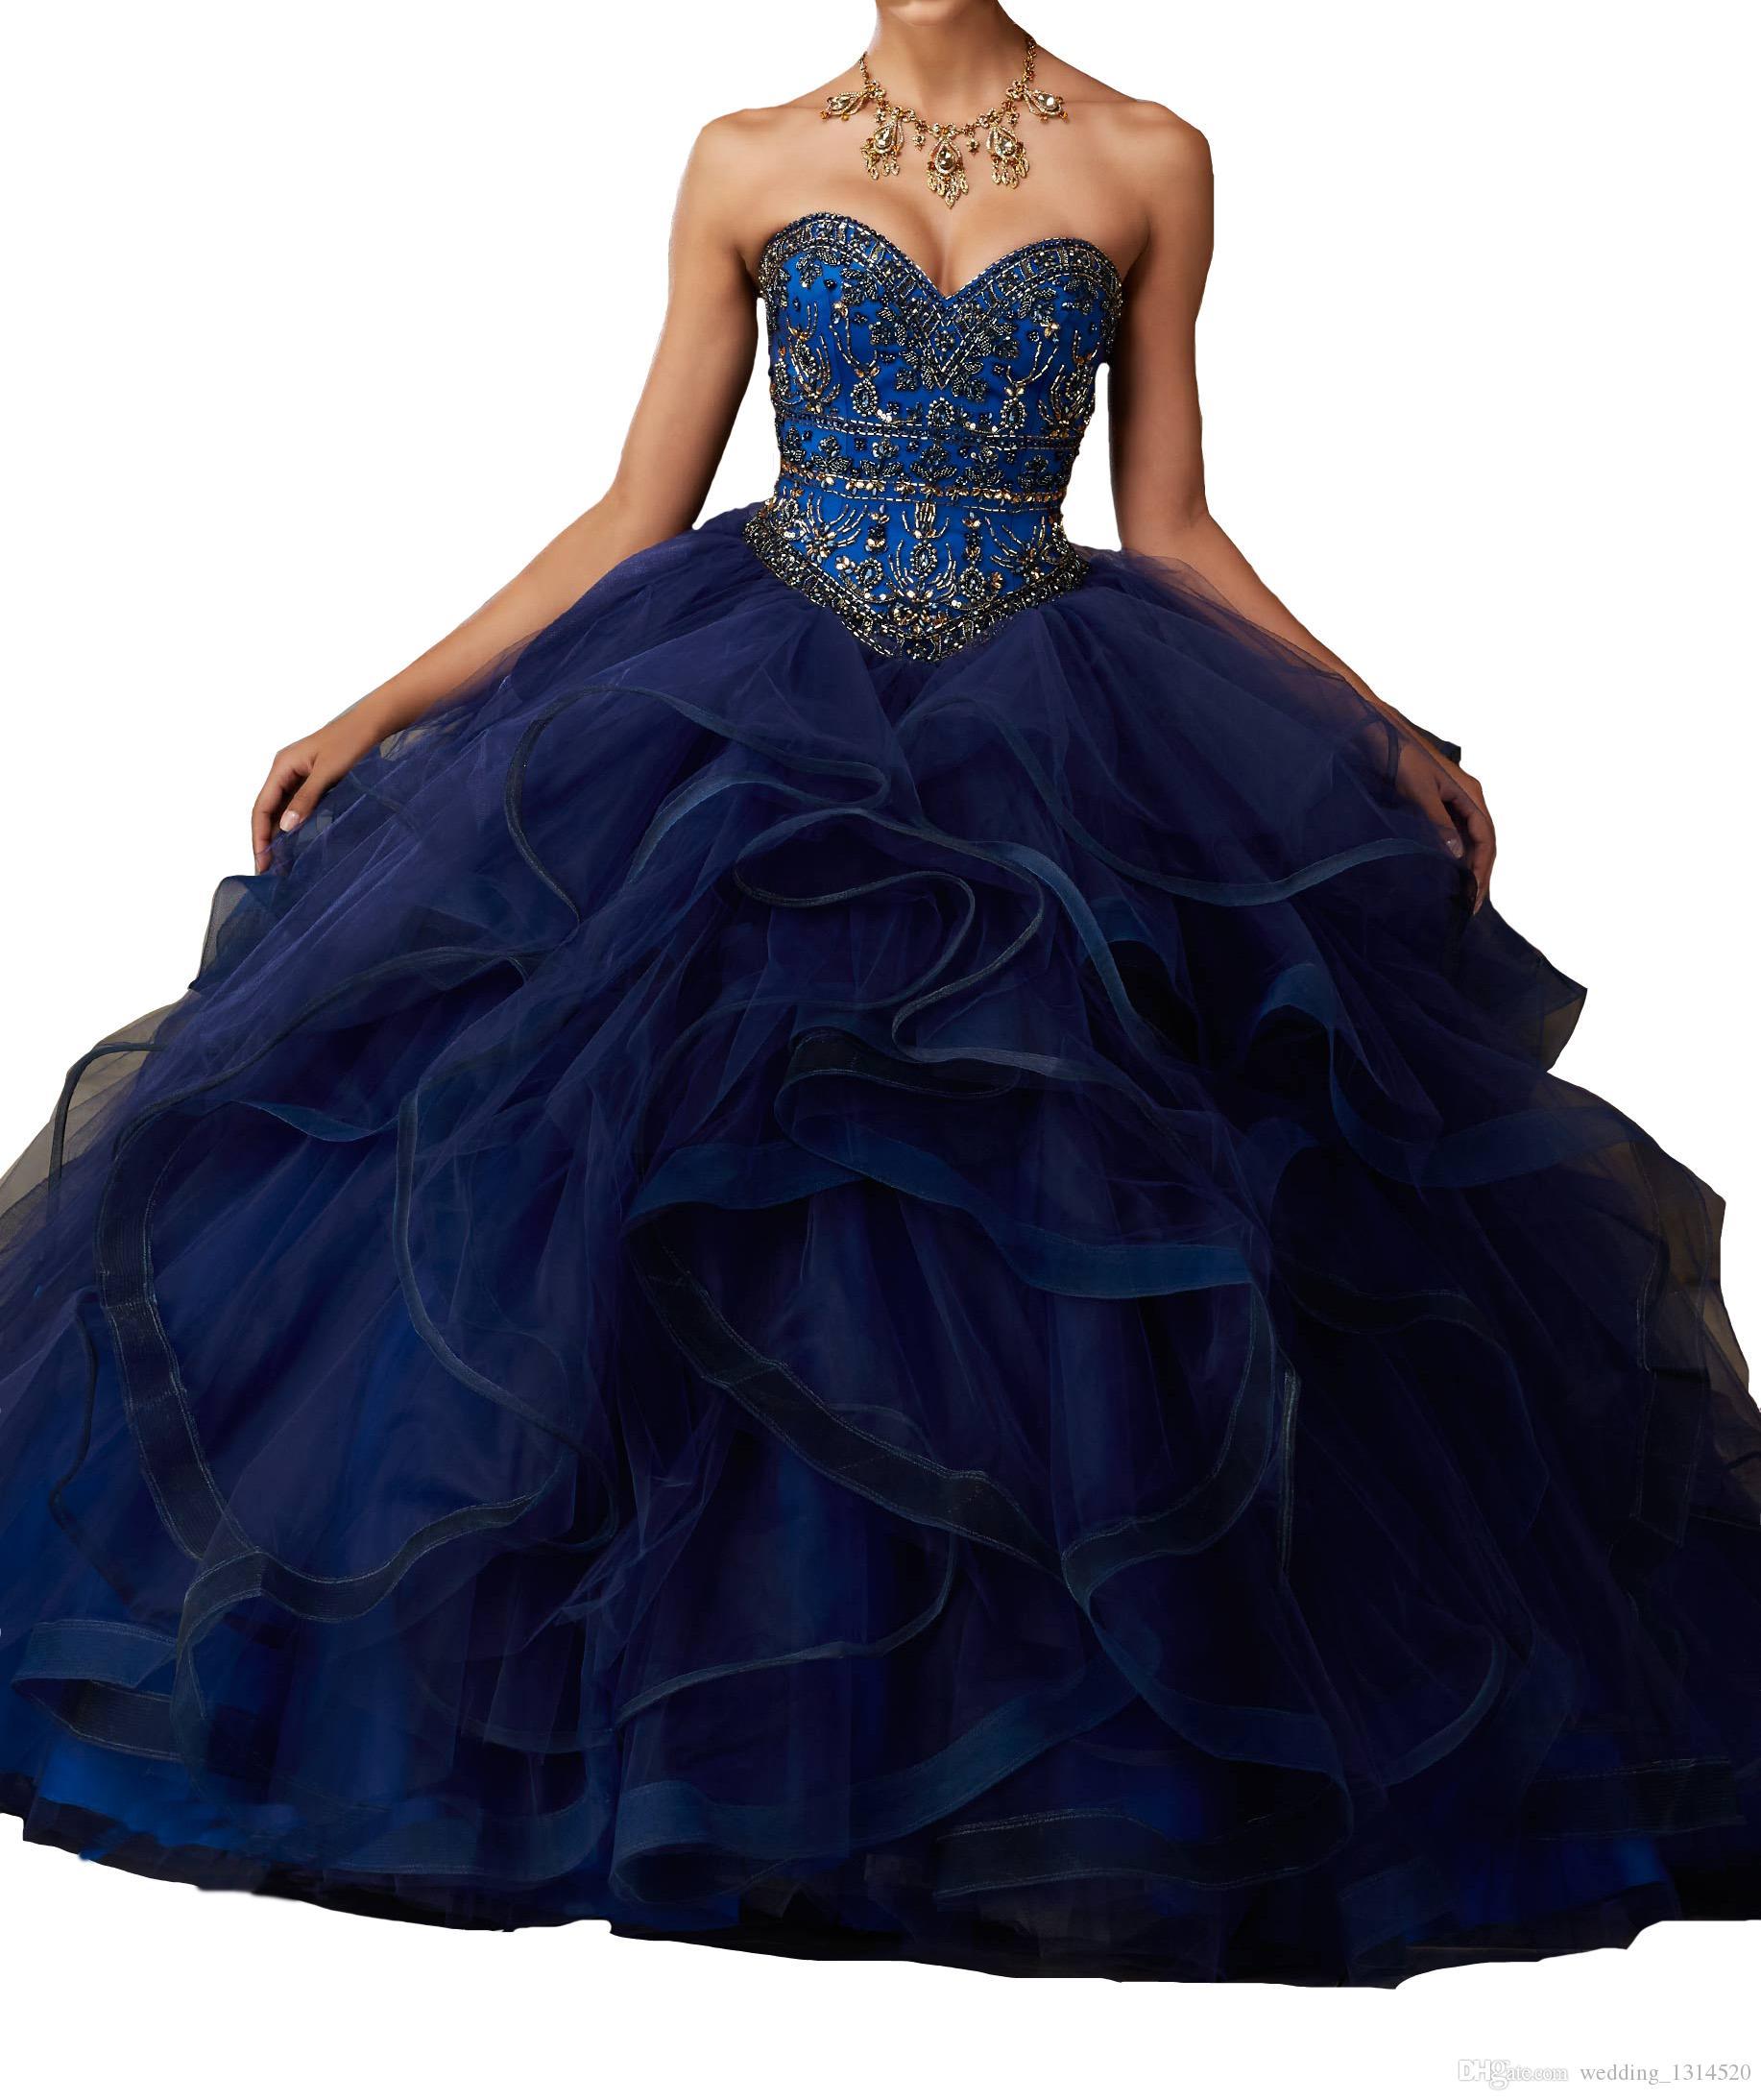 15 16 Kız Dans Parti Elbise fabrika ücretsiz nakliye çıkış için Kadınlar Sweetheart Quinceanera Modelleri Ruffles Rhinestone Abiye